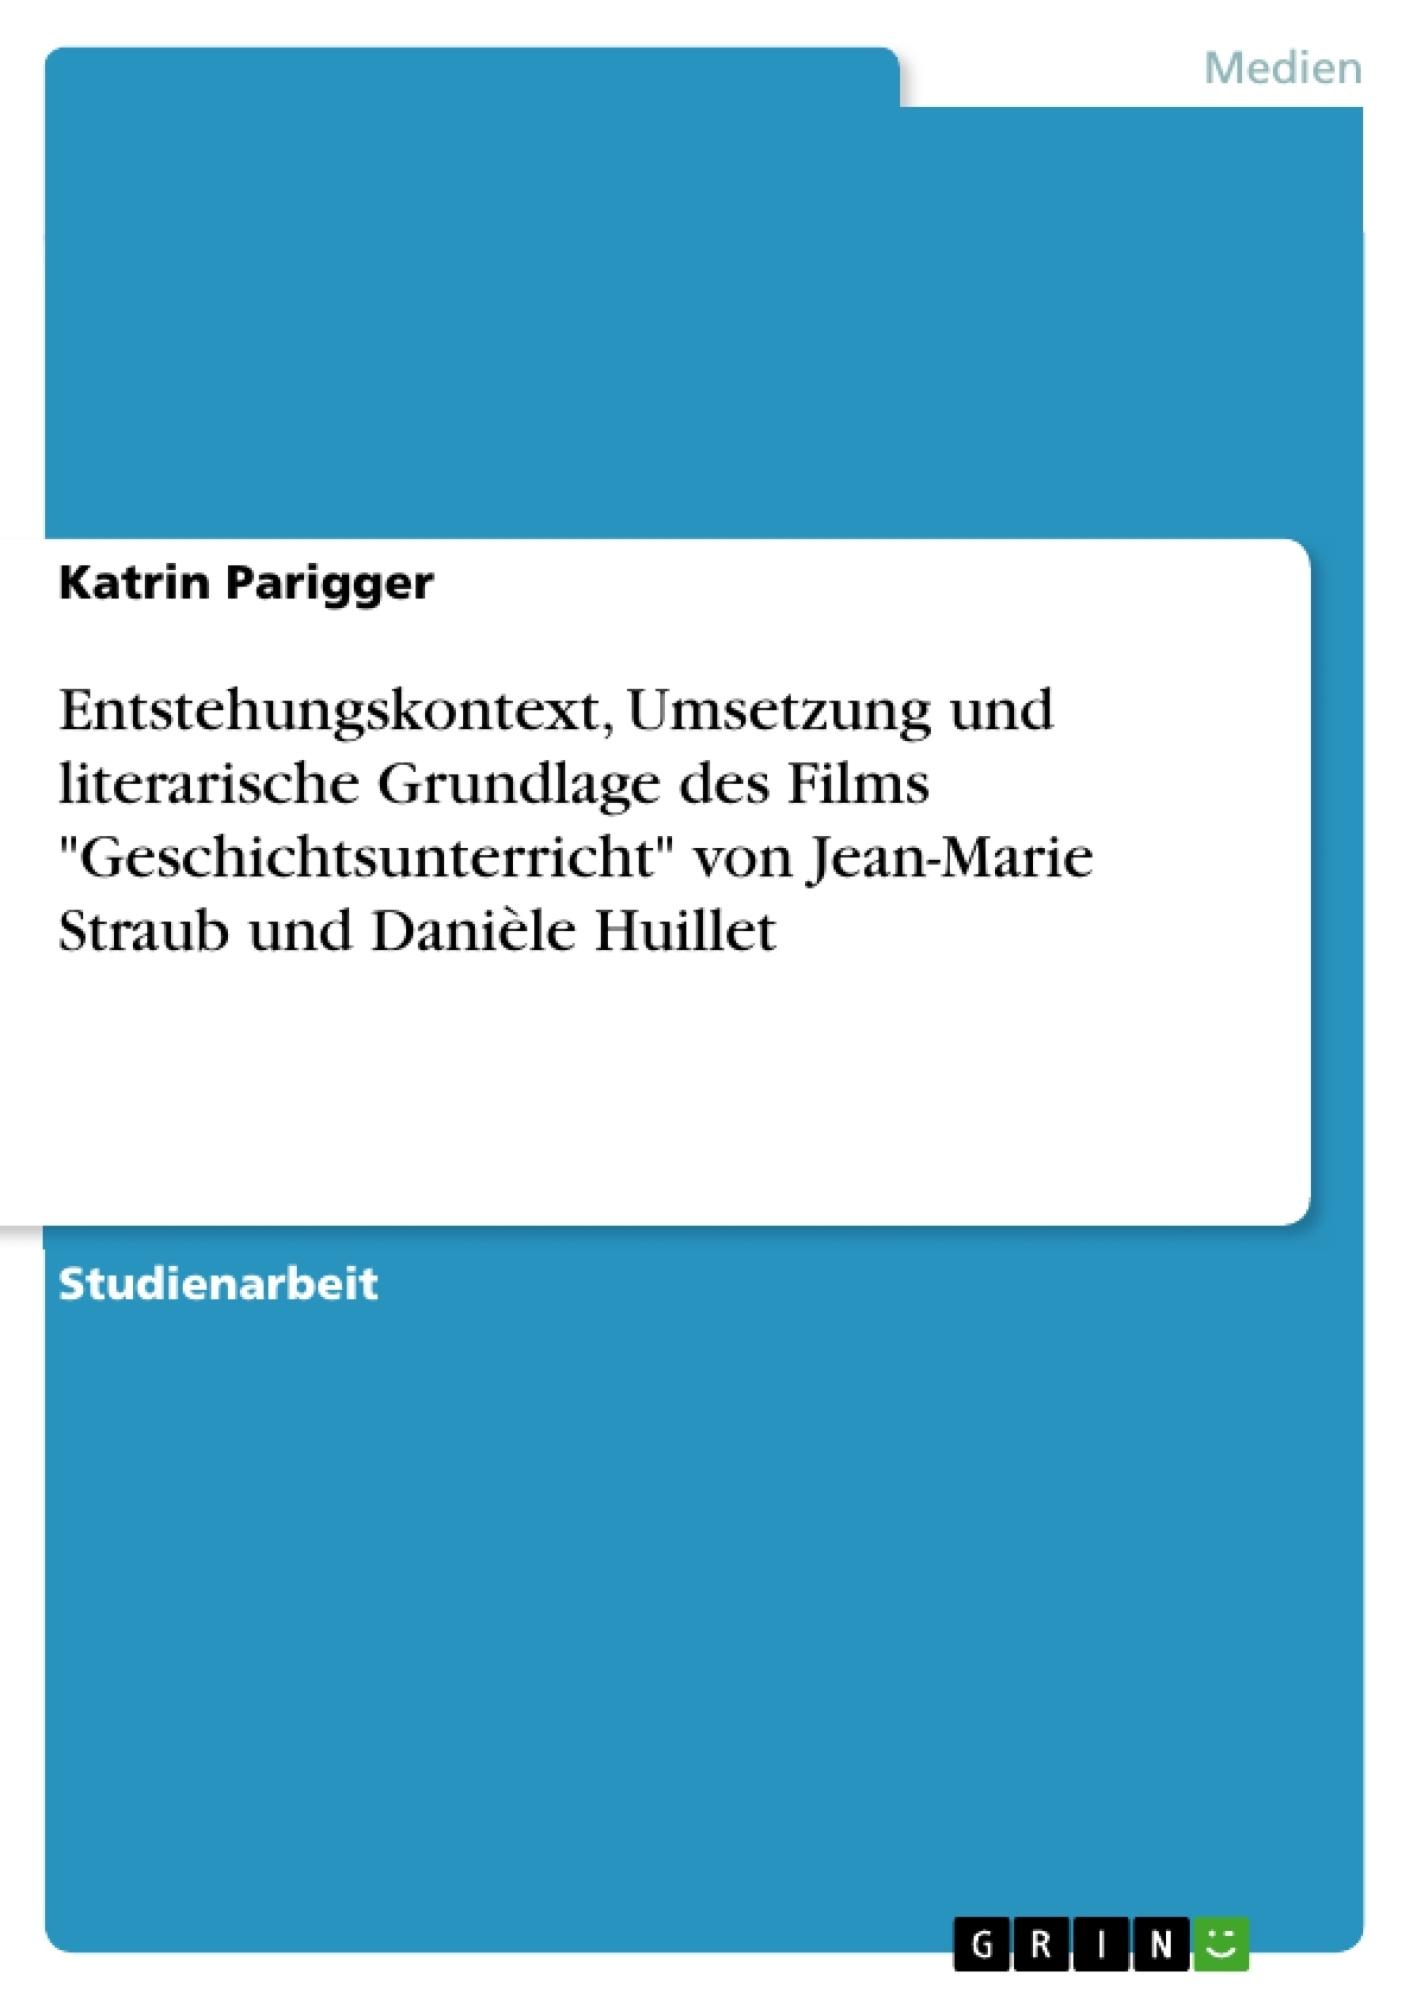 """Titel: Entstehungskontext, Umsetzung und literarische Grundlage des Films """"Geschichtsunterricht"""" von Jean-Marie Straub und Danièle Huillet"""